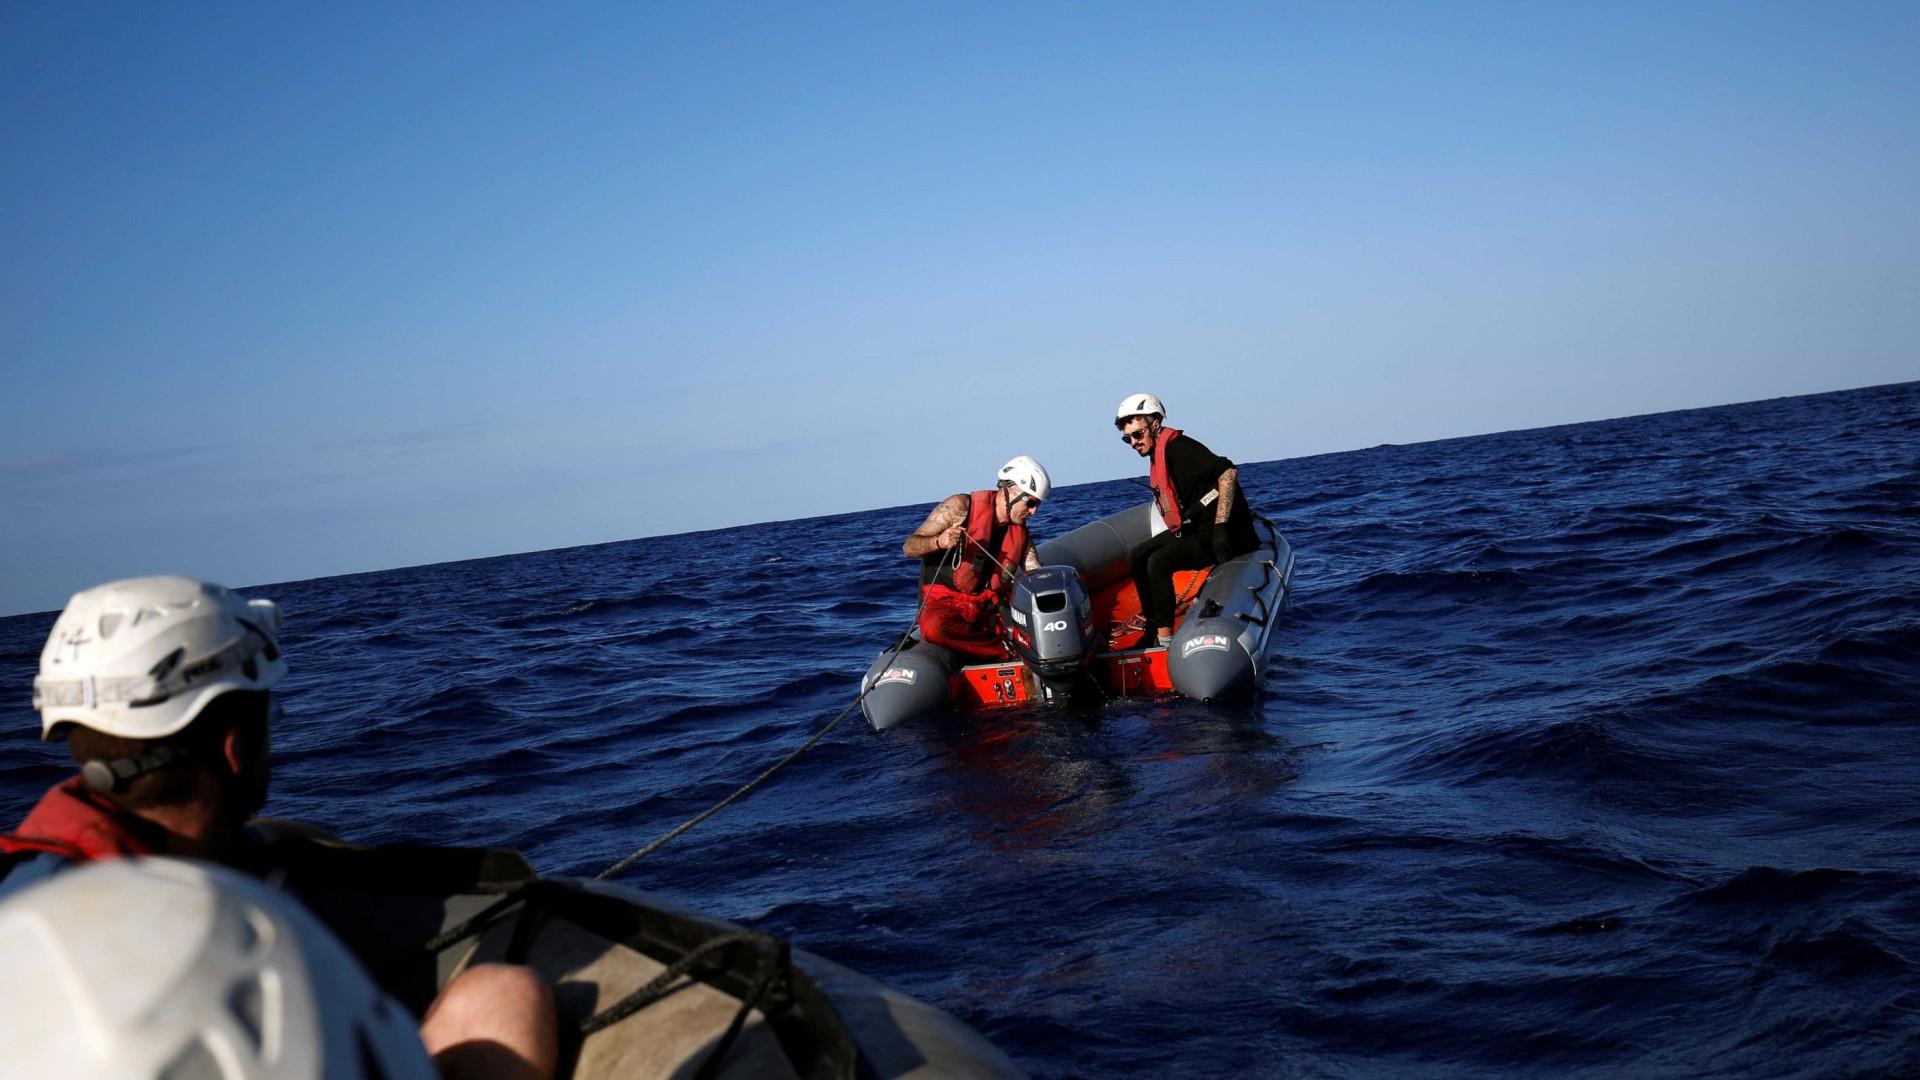 Migrantes são vítimas da tensão entre Grécia e Turquia, diz ONG